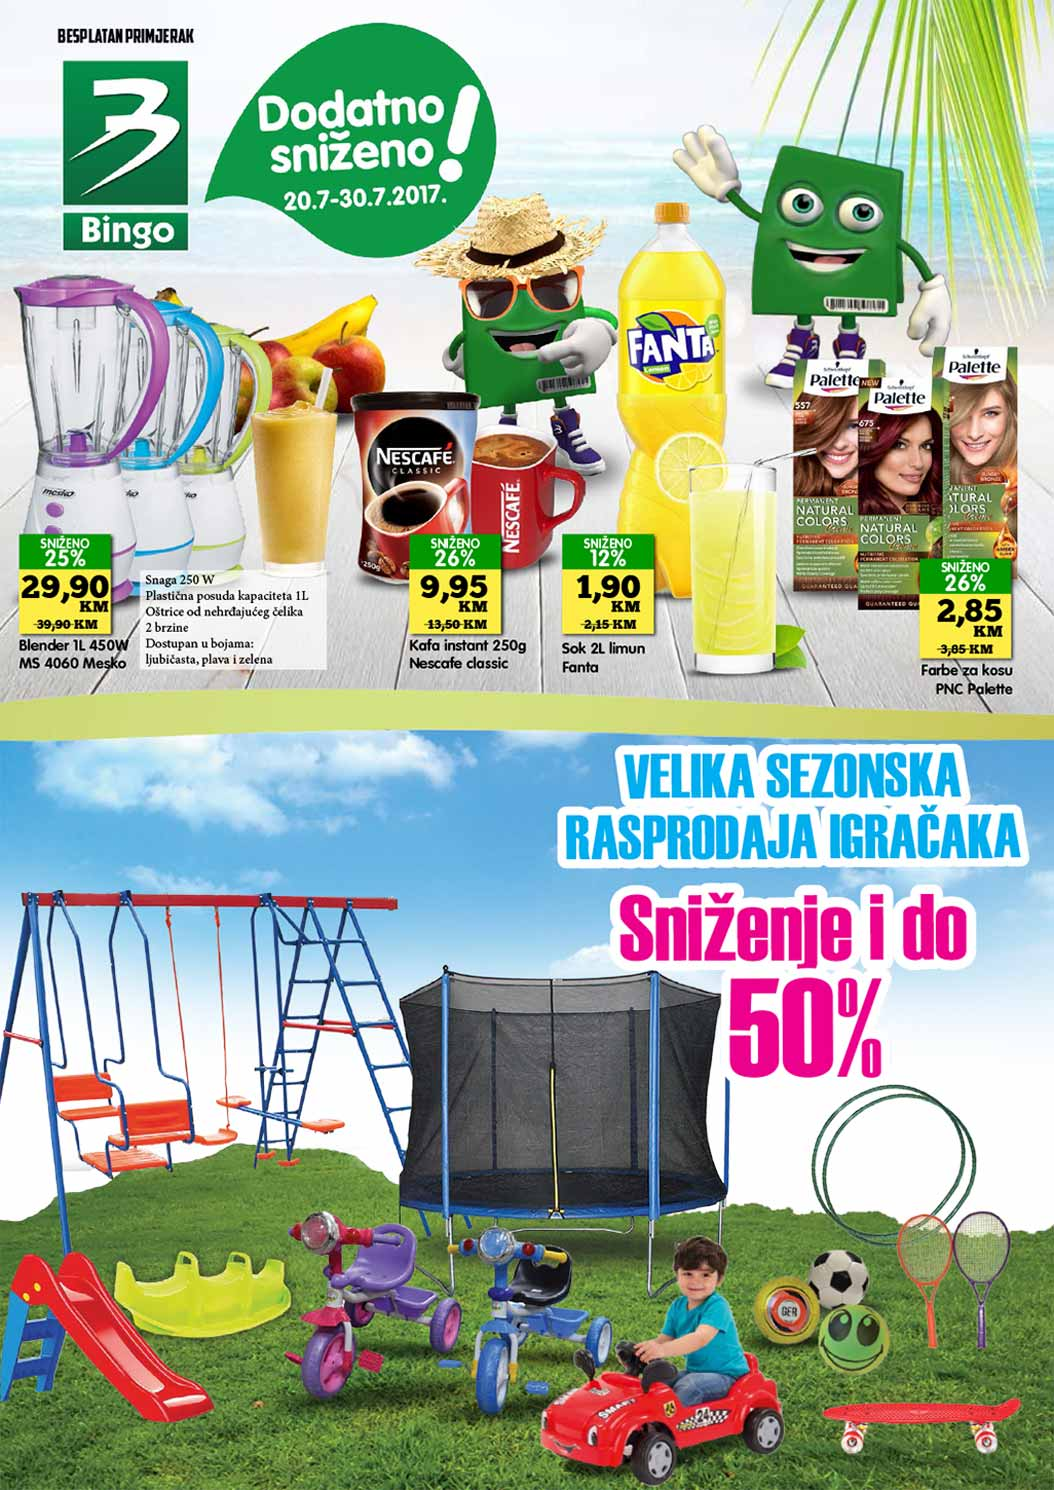 Bingo katalog - 10.08.2017.